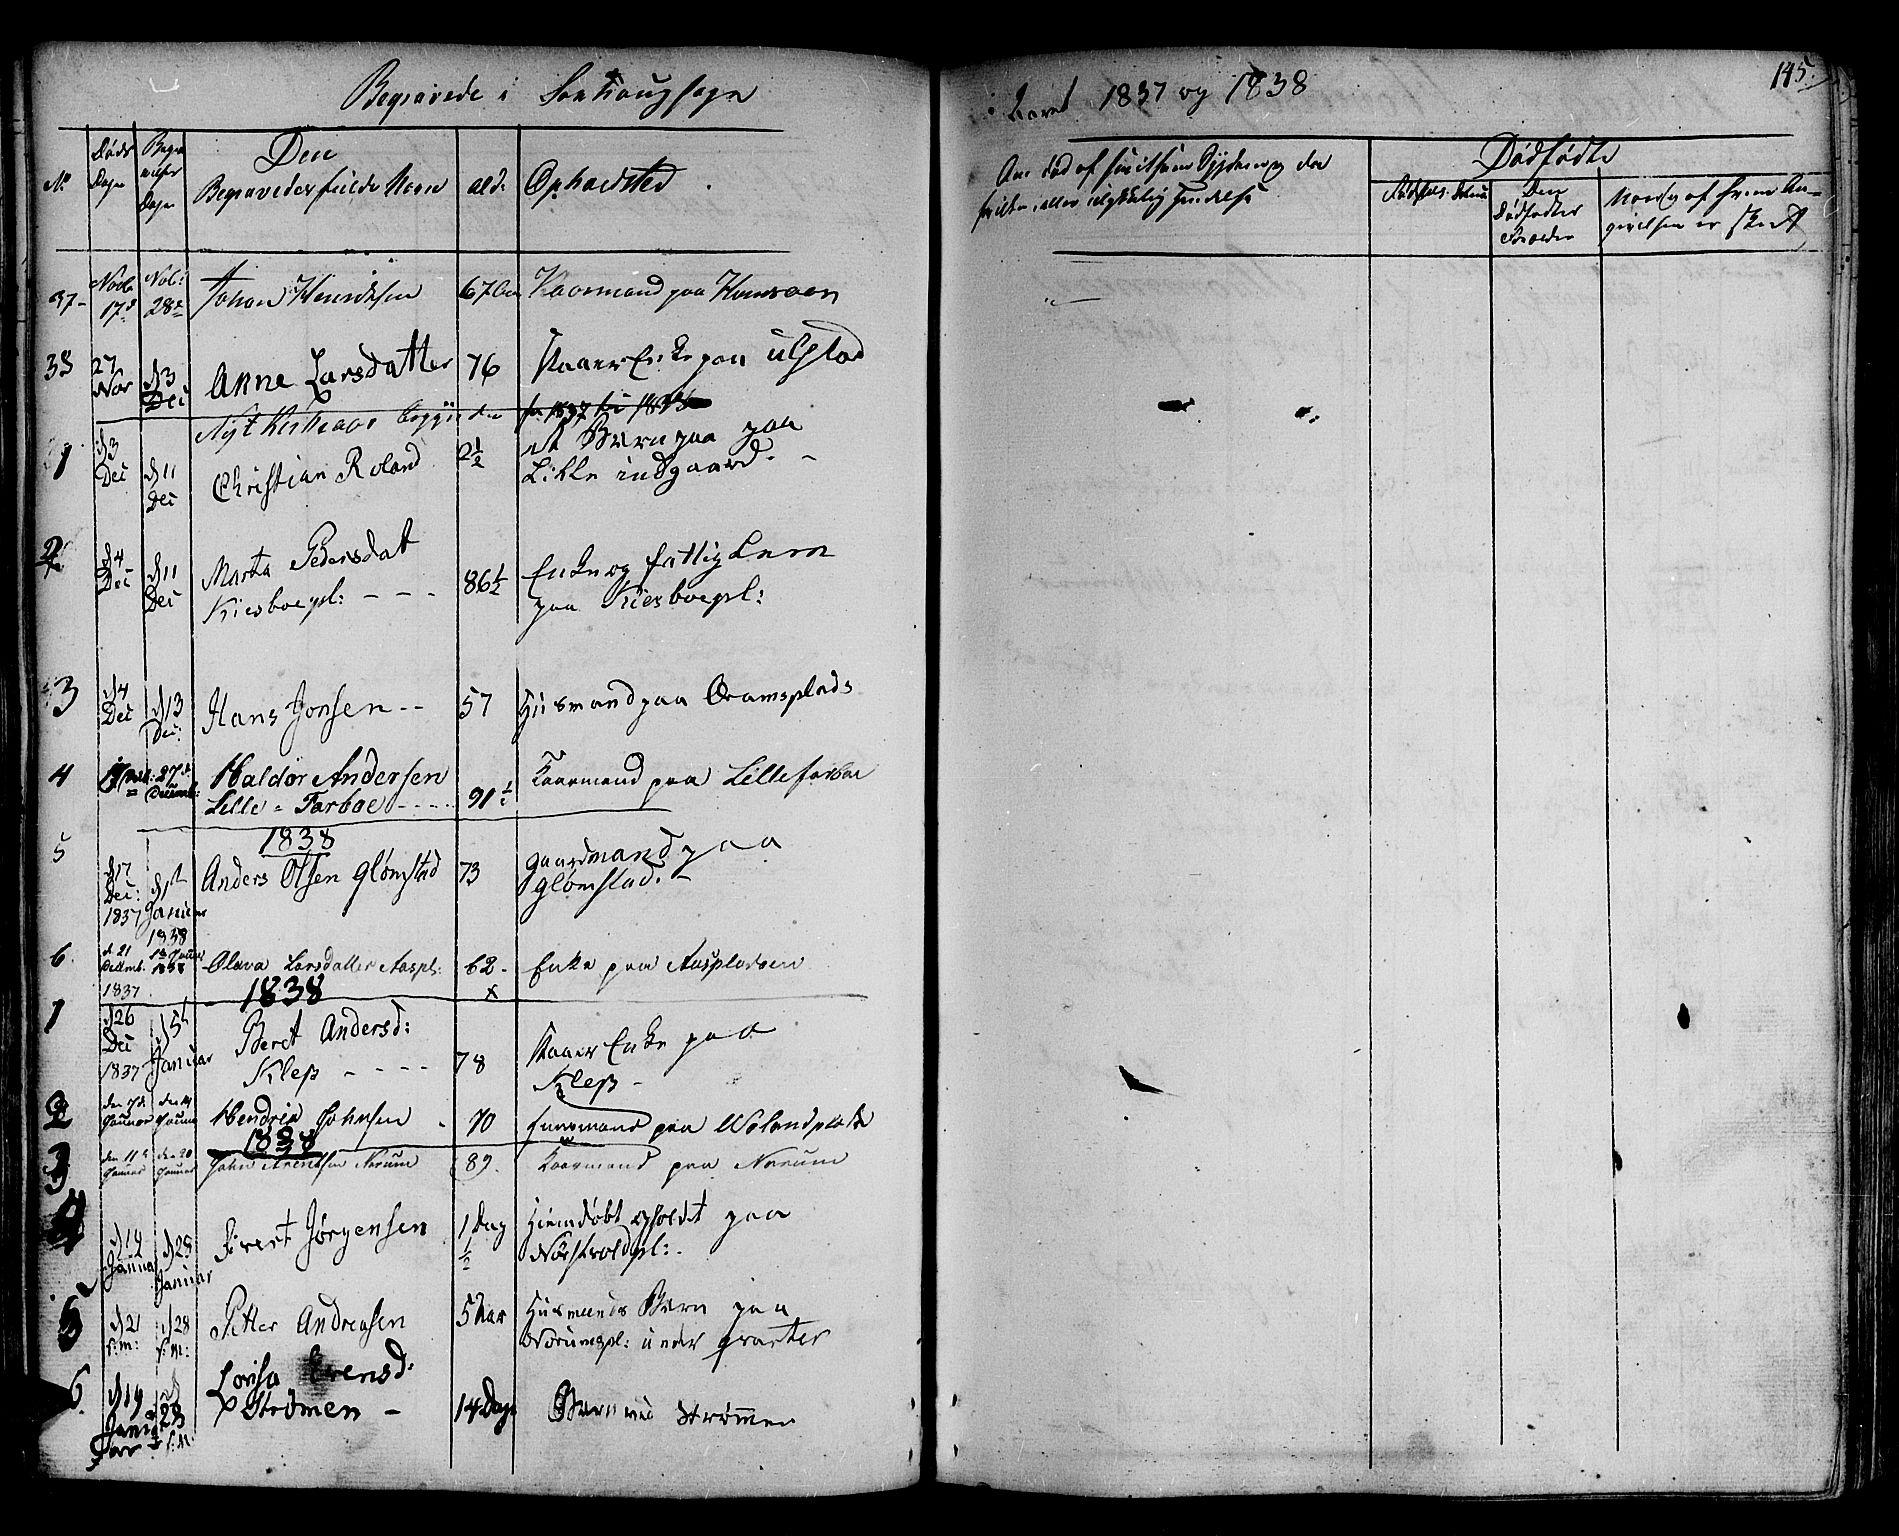 SAT, Ministerialprotokoller, klokkerbøker og fødselsregistre - Nord-Trøndelag, 730/L0277: Ministerialbok nr. 730A06 /1, 1830-1839, s. 145